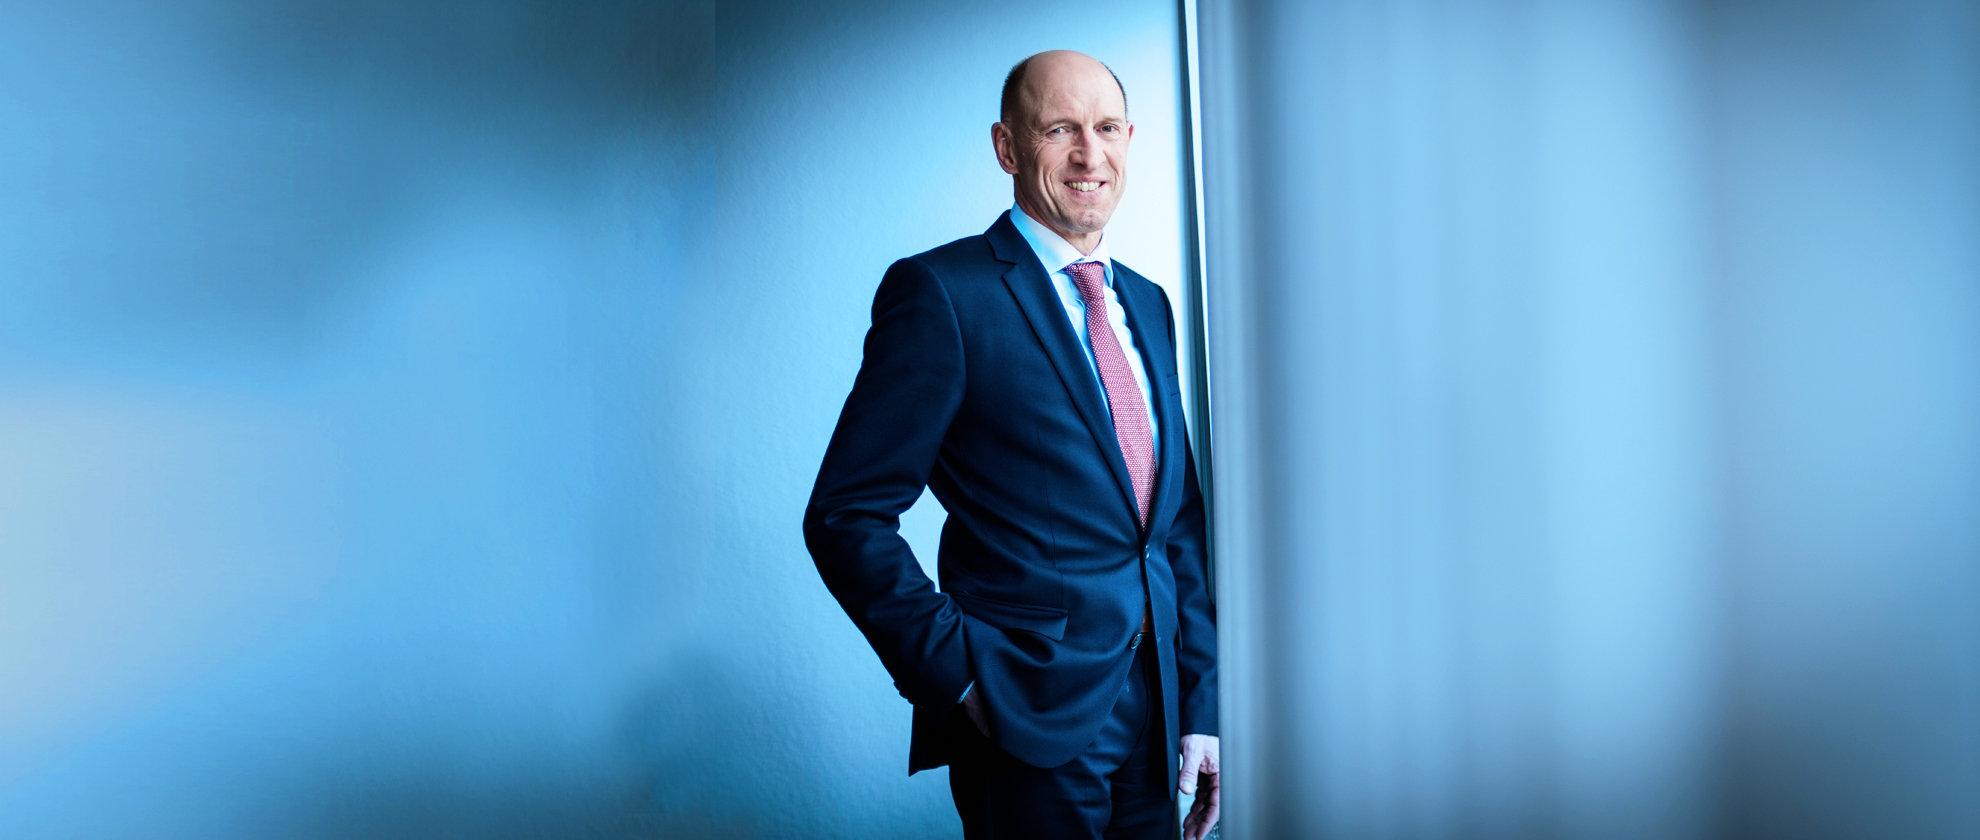 Jürgen Munstermann Steuerberater Wirtschaftsprüfer Inhaber